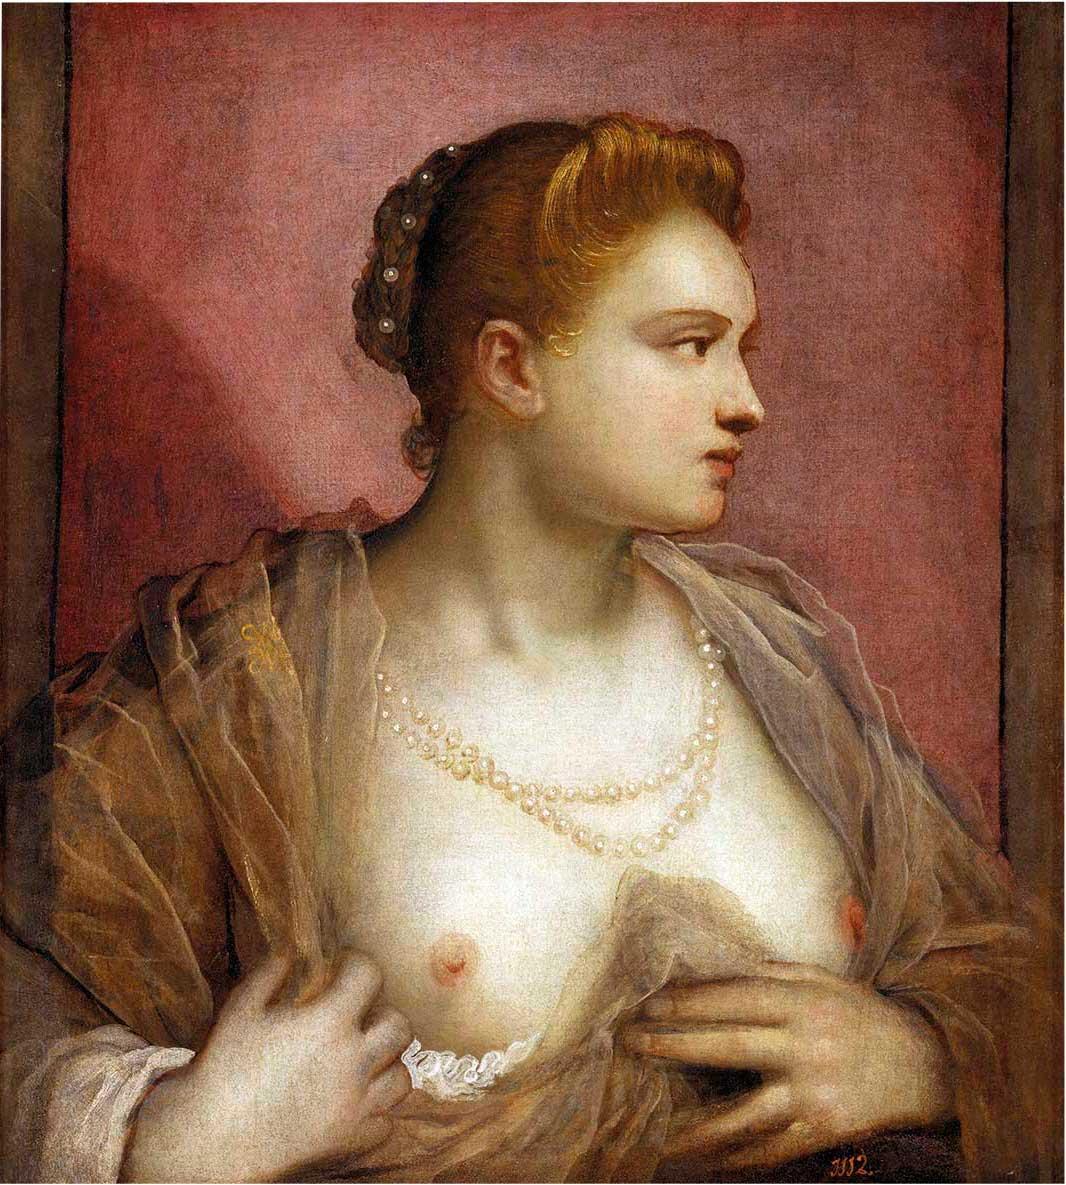 album les40081360. Dama que descubre su seno, posible retrato de Veronica Franco. Óleo por Tintoretto. 1570. Museo del Prado, Madrid.